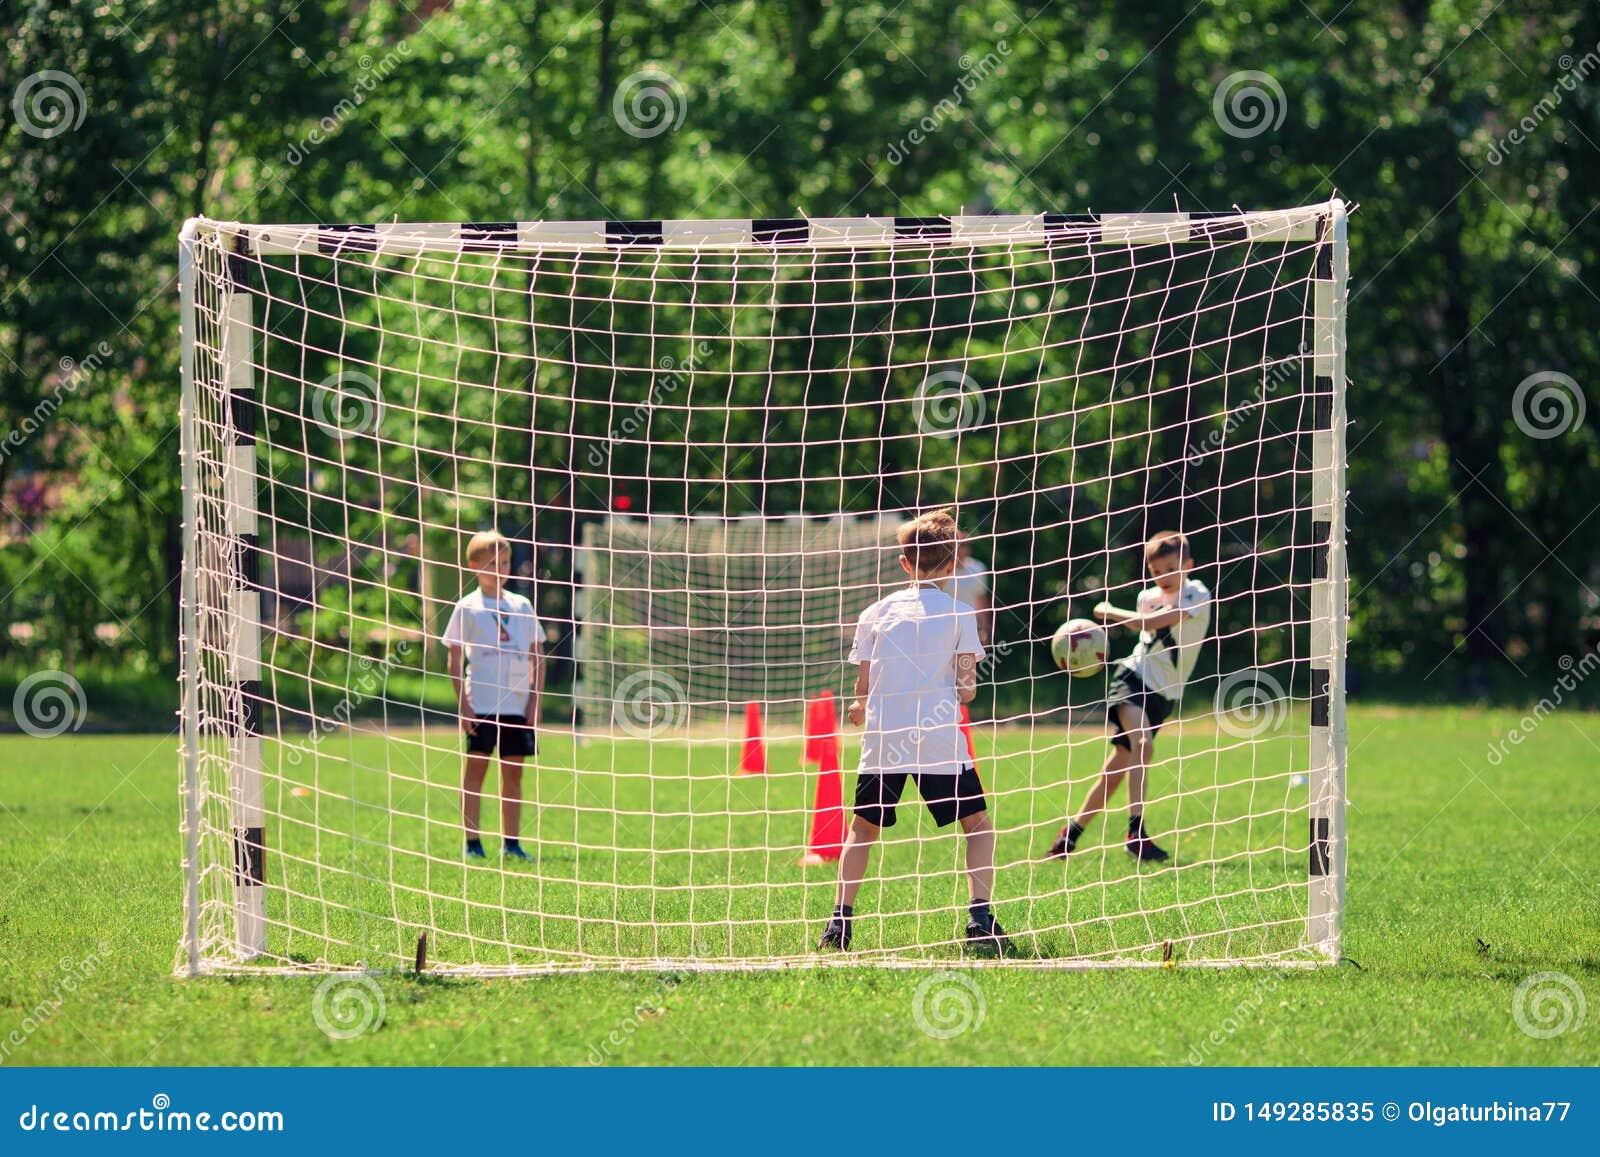 Mosca, Russia, maggio 2018 I bambini giocano a calcio al cortile della scuola